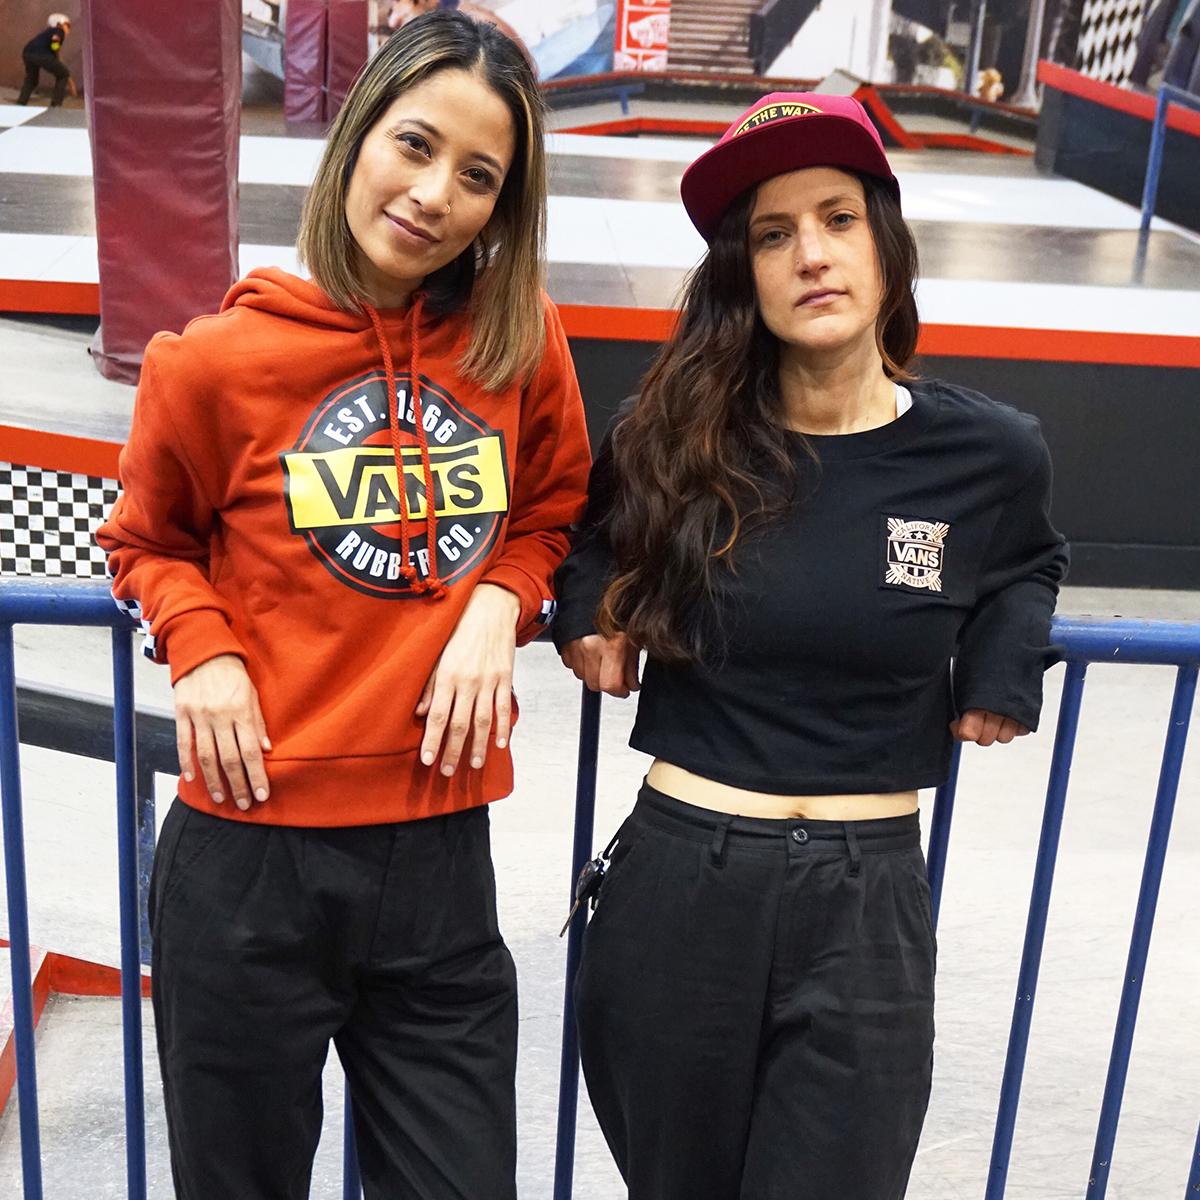 Vans - Tessa & Annalyze Prism DJs 1.jpg